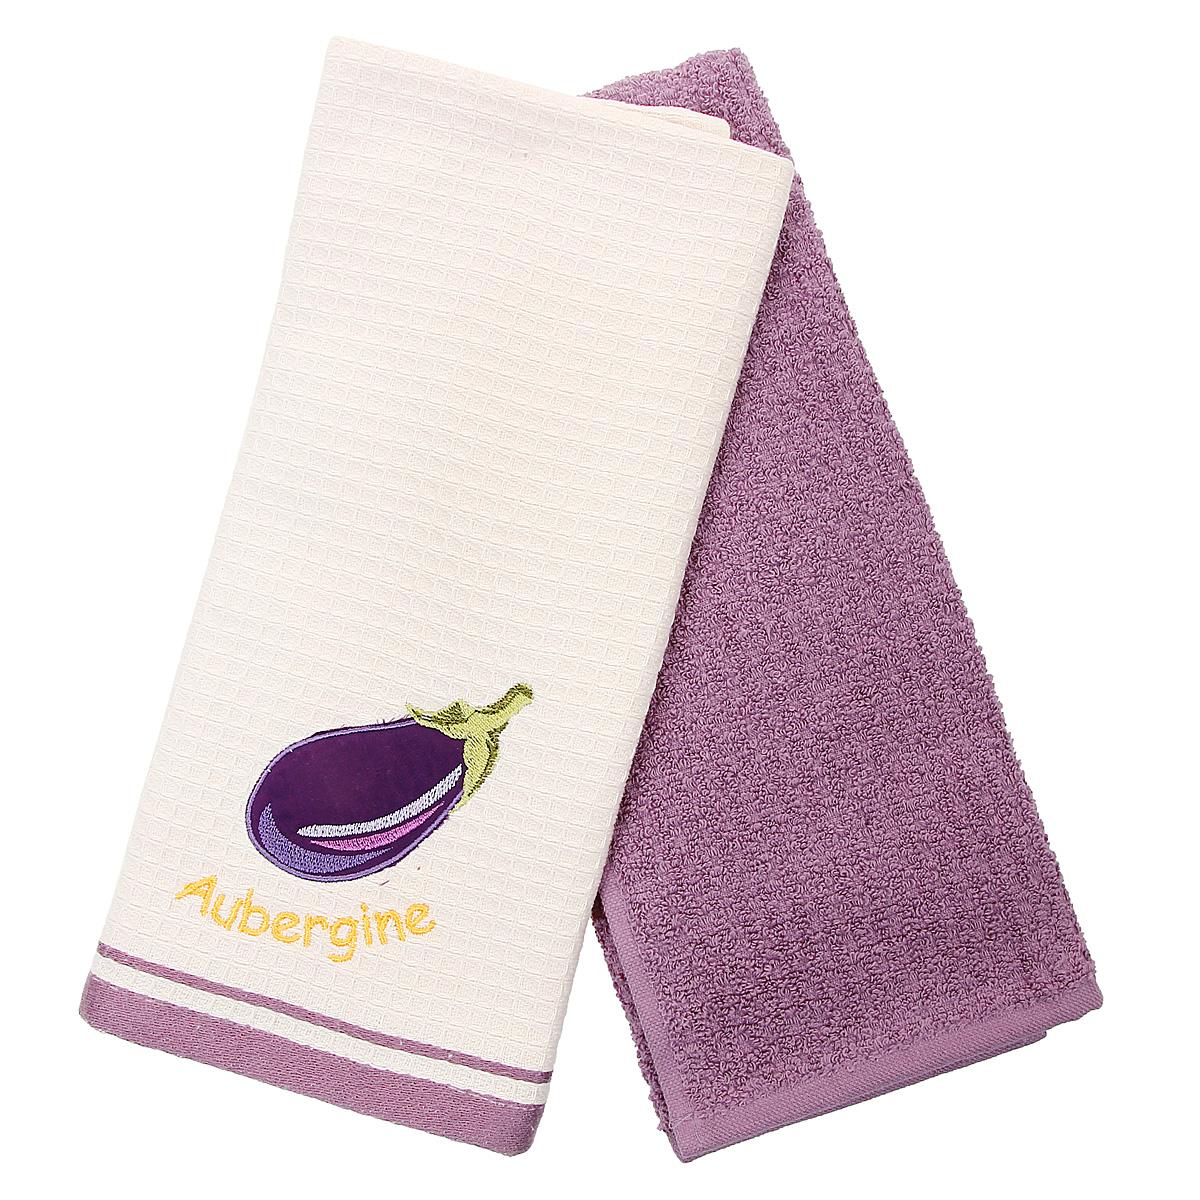 Набор кухонных полотенец Coronet Баклажан, цвет: фиолетовый, бежевый, 40 х 60 см, 2 штК-МП-5010-05-07-03Набор Coronet Баклажан состоит из двух прямоугольных полотенец: вафельного полотенца бежевого цвета с вышивкой в виде баклажана и махрового полотенца фиолетового цвета. Изделия выполнены из натурального хлопка, поэтому являются экологически чистыми. Высочайшее качество материала гарантирует безопасность не только взрослых, но и самых маленьких членов семьи. Кухонные полотенца Coronet практичны и долговечны. Прекрасно впитывают влагу. Эти свойства изделия из натурального хлопка не теряют на протяжении многих лет. Хлопчатобумажные изделия выдерживают многочисленные стирки при высоких температурах. Такой набор идеально дополнит интерьер вашей кухни и создаст атмосферу уюта и комфорта. Coronet предлагает коллекции готовых стилистических решений для различной кухонной мебели, множество видов, рисунков и цветов. Вам легко будет создать нужную атмосферу на кухне и в столовой. Рекомендации по уходу: - стирать при температуре 40°С, - чистка с...